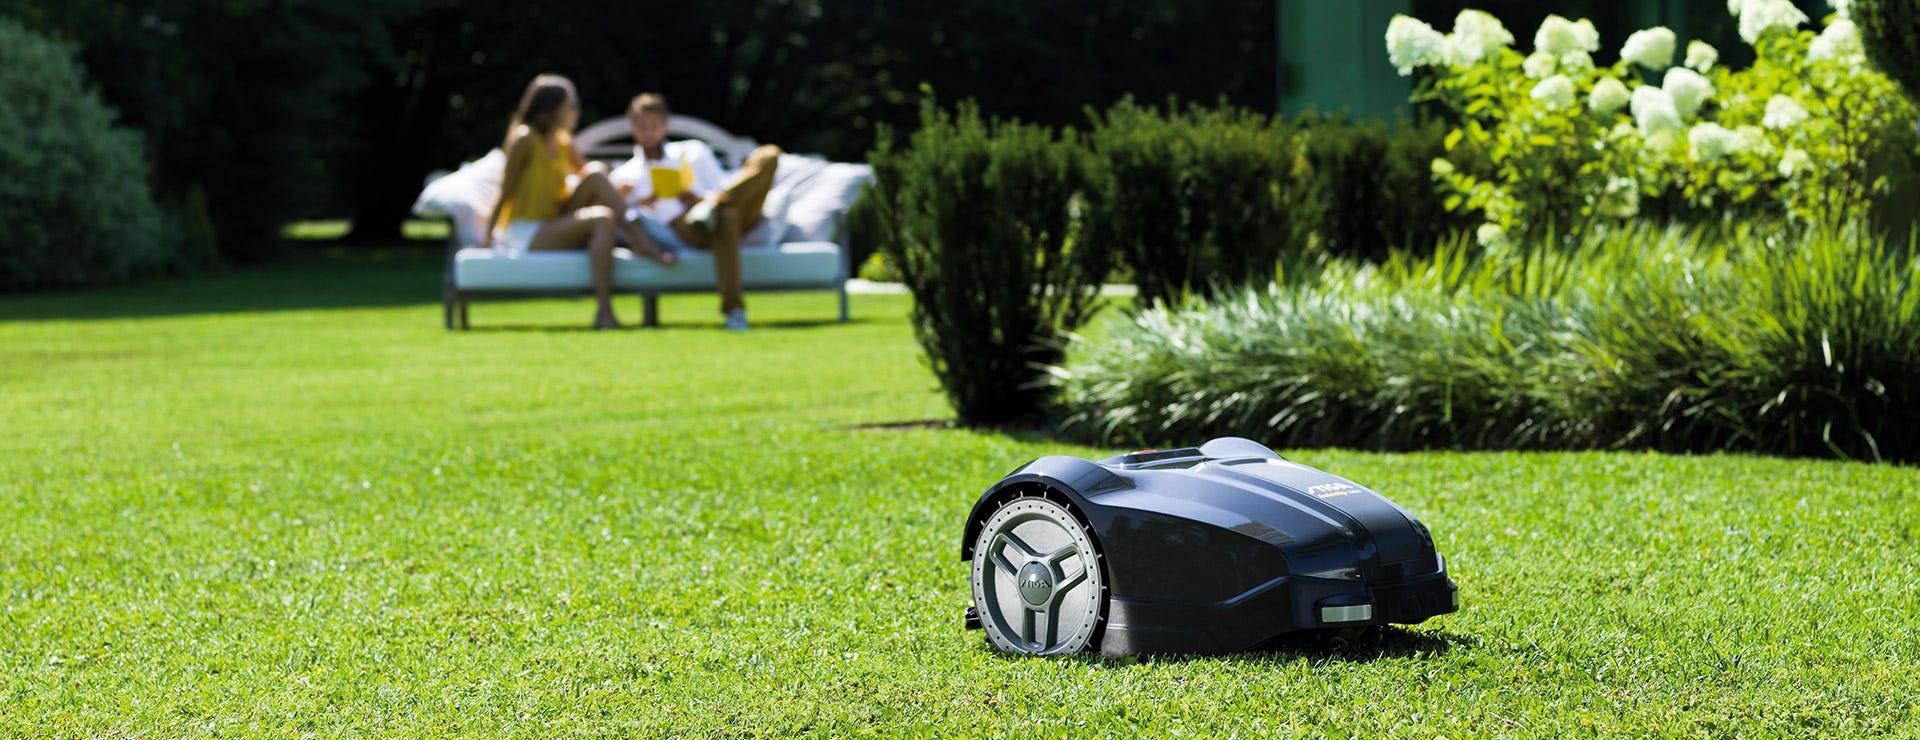 autoclip-robotgräsklippare-stiga